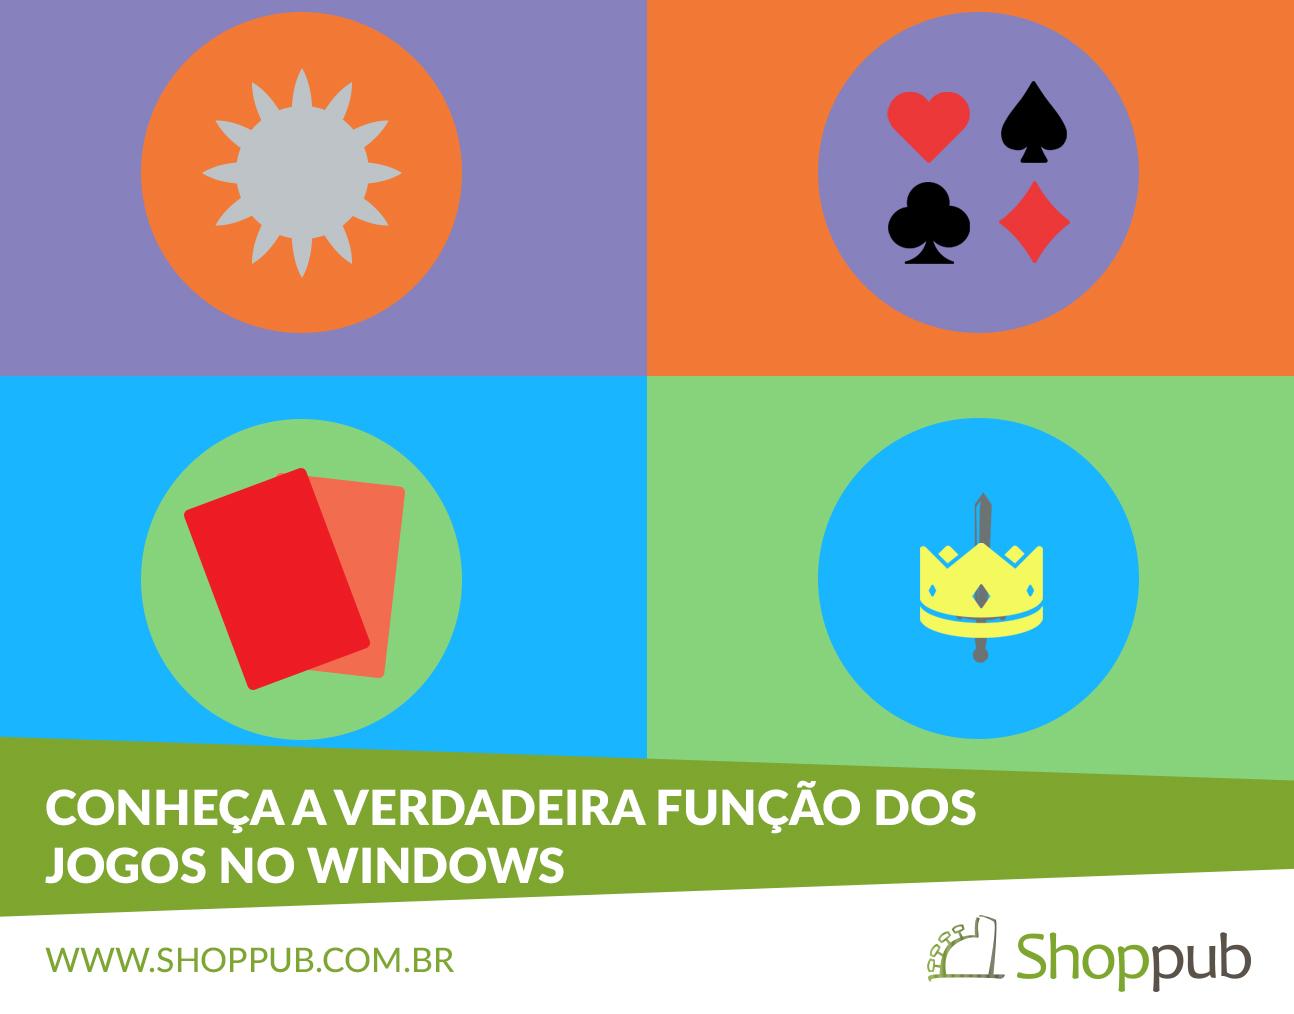 Conheça a verdadeira função dos jogos no Windows